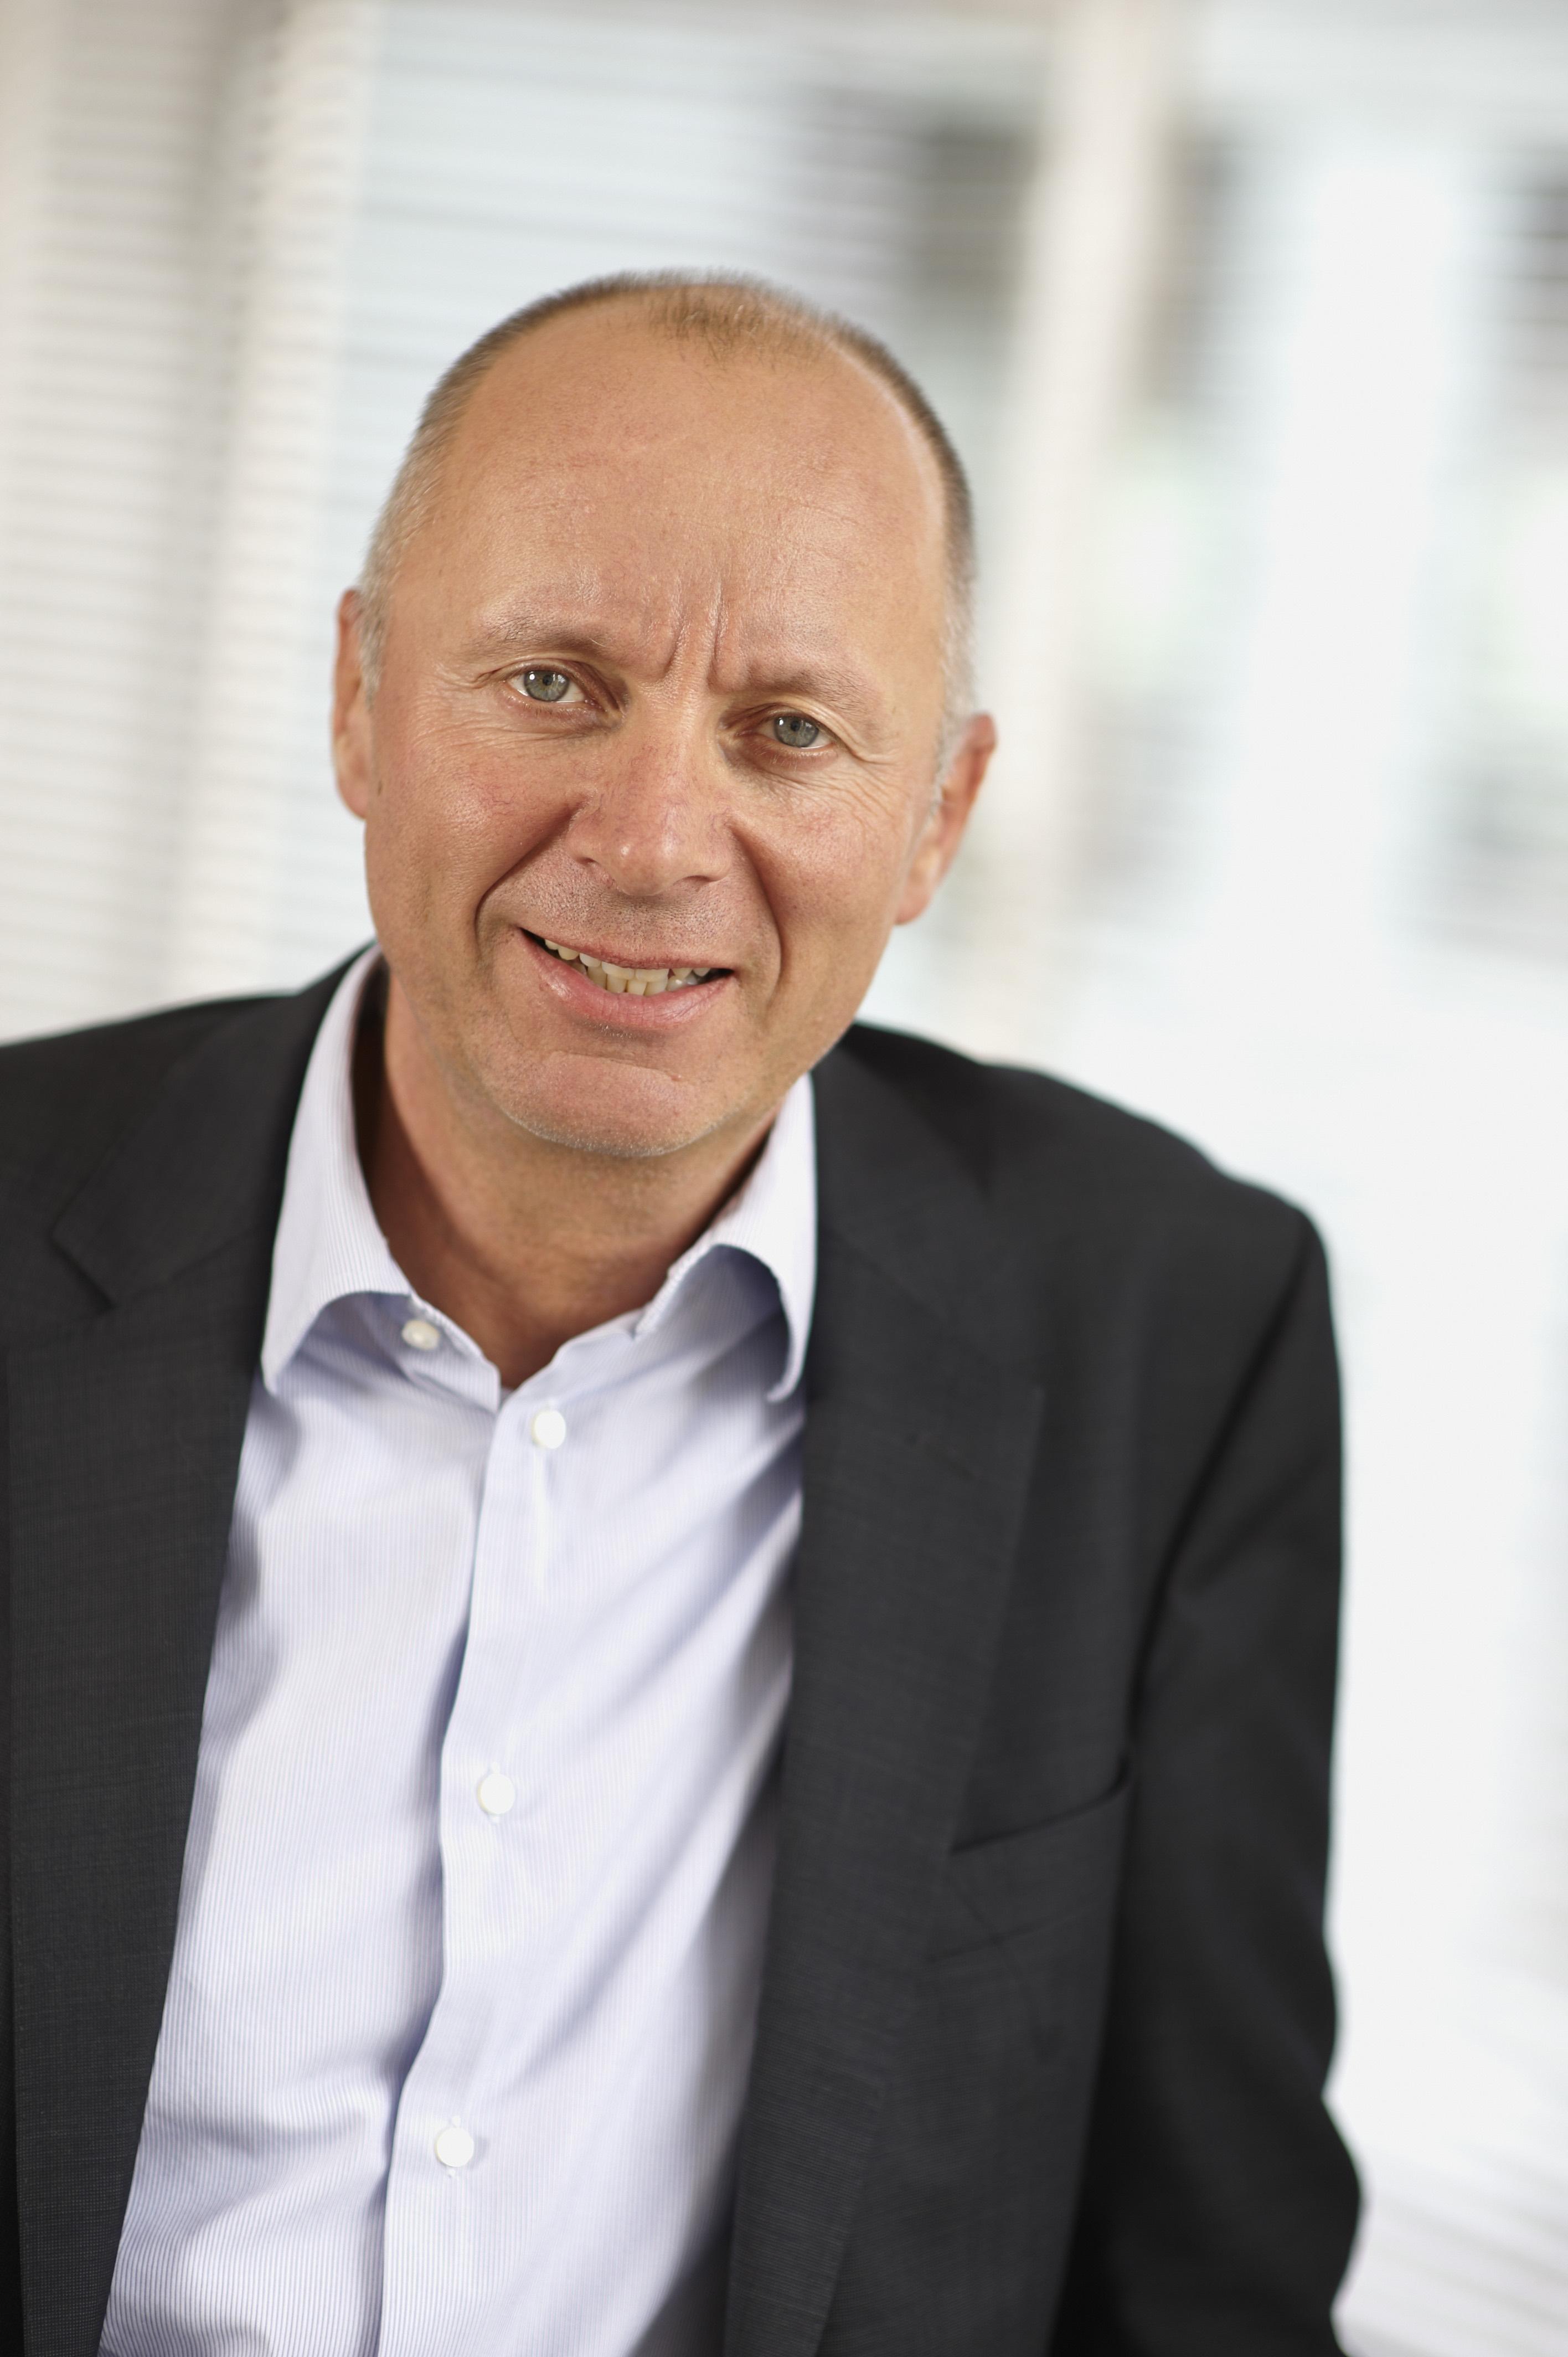 ONEtoONE-Geschäftsführer Johannes Jagusch